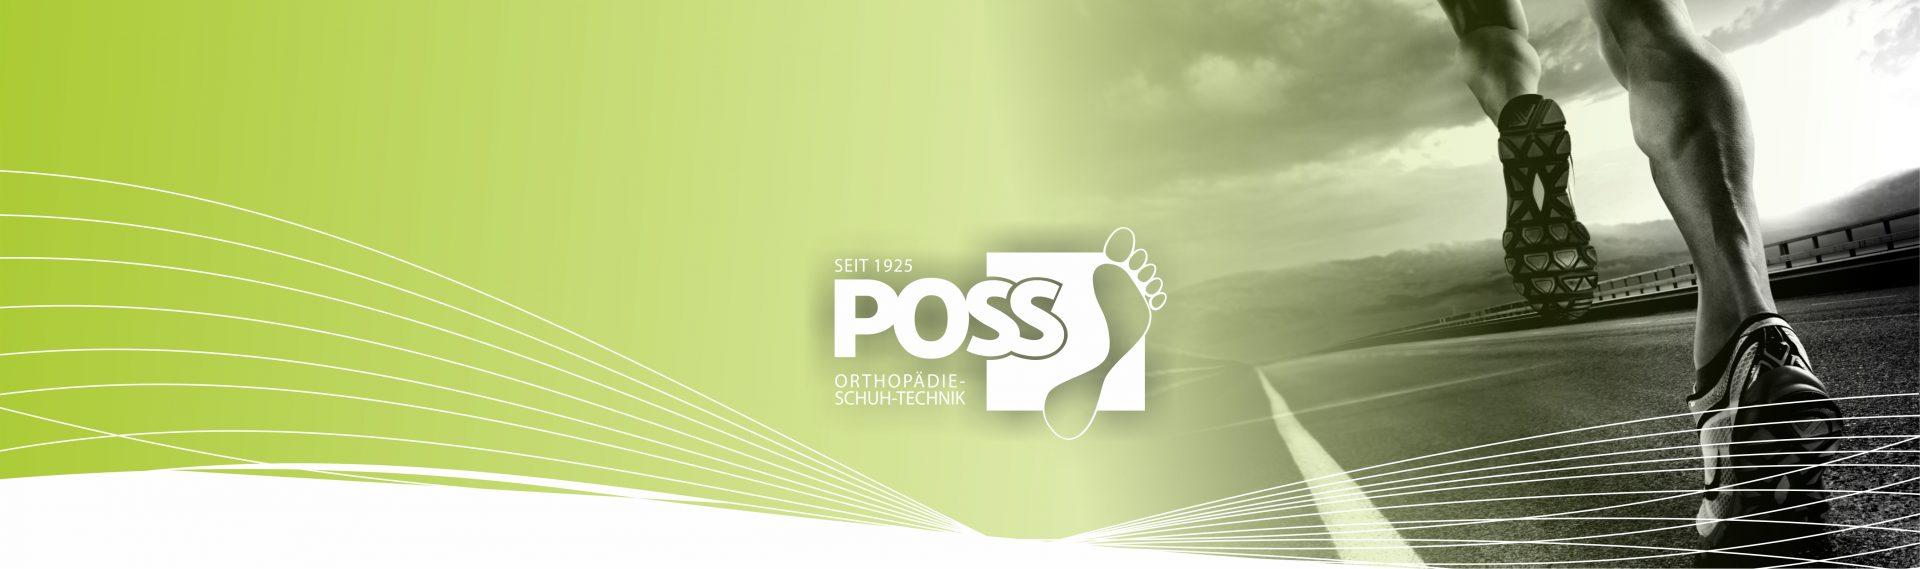 Poss – Orthopädie-Schuh-Technik